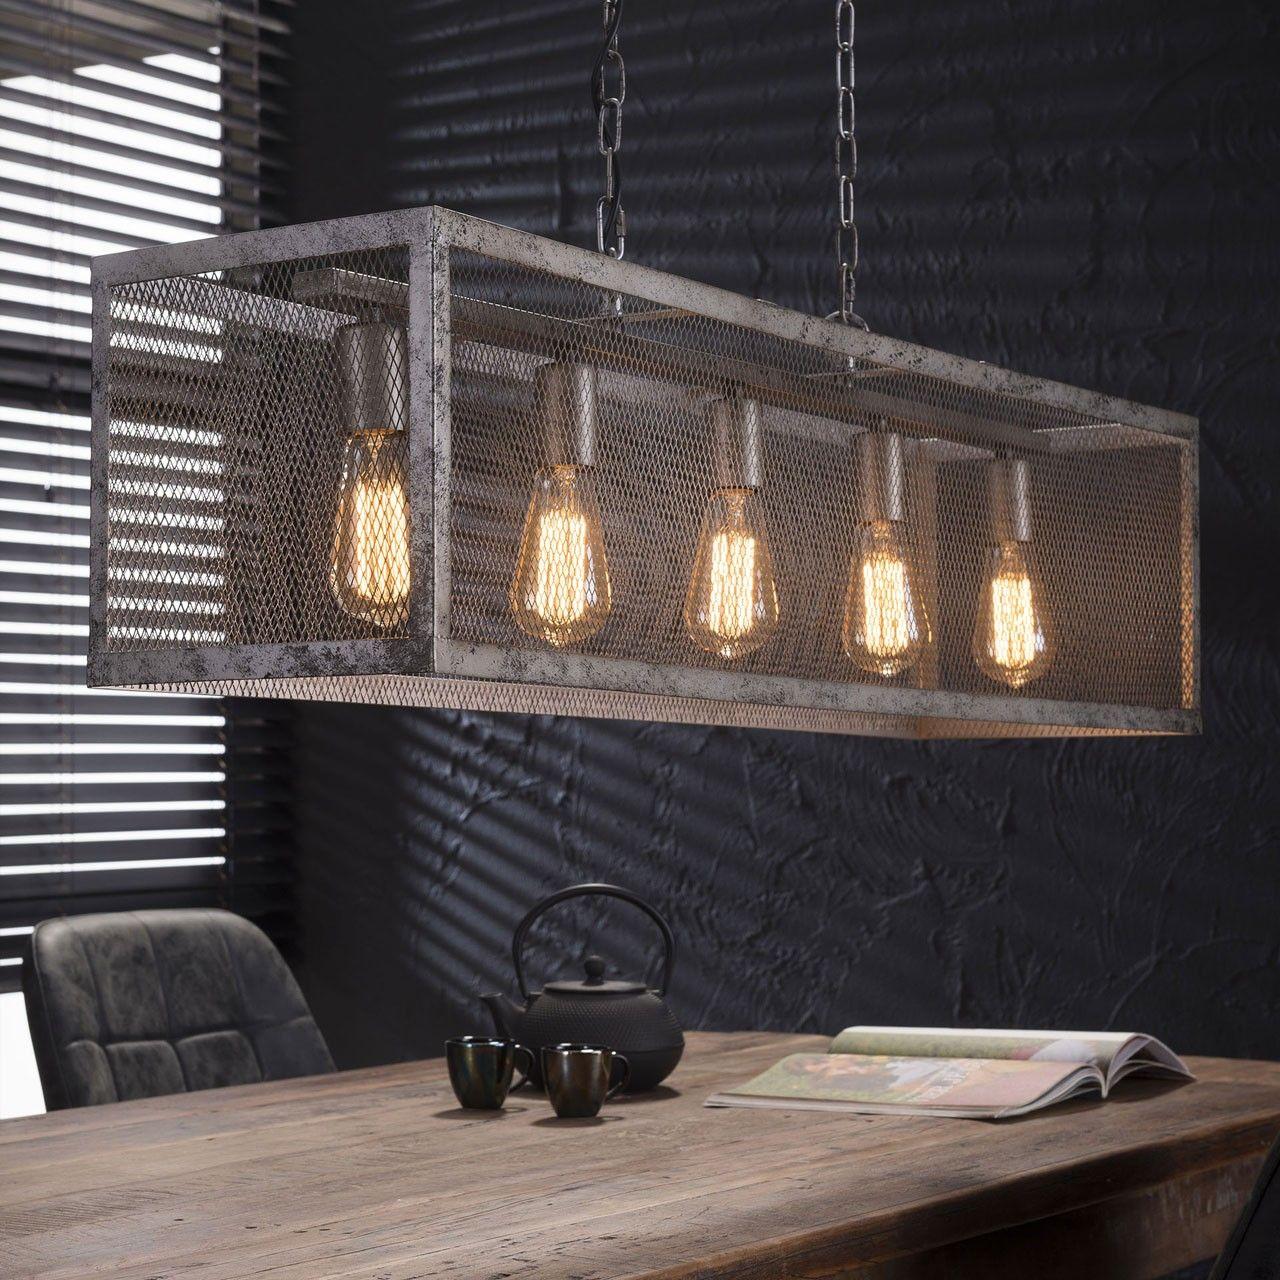 Landelijke Hanglamp Oud Zilver Rechthoek Raster 7399 29 Lampenconcurrent Nl